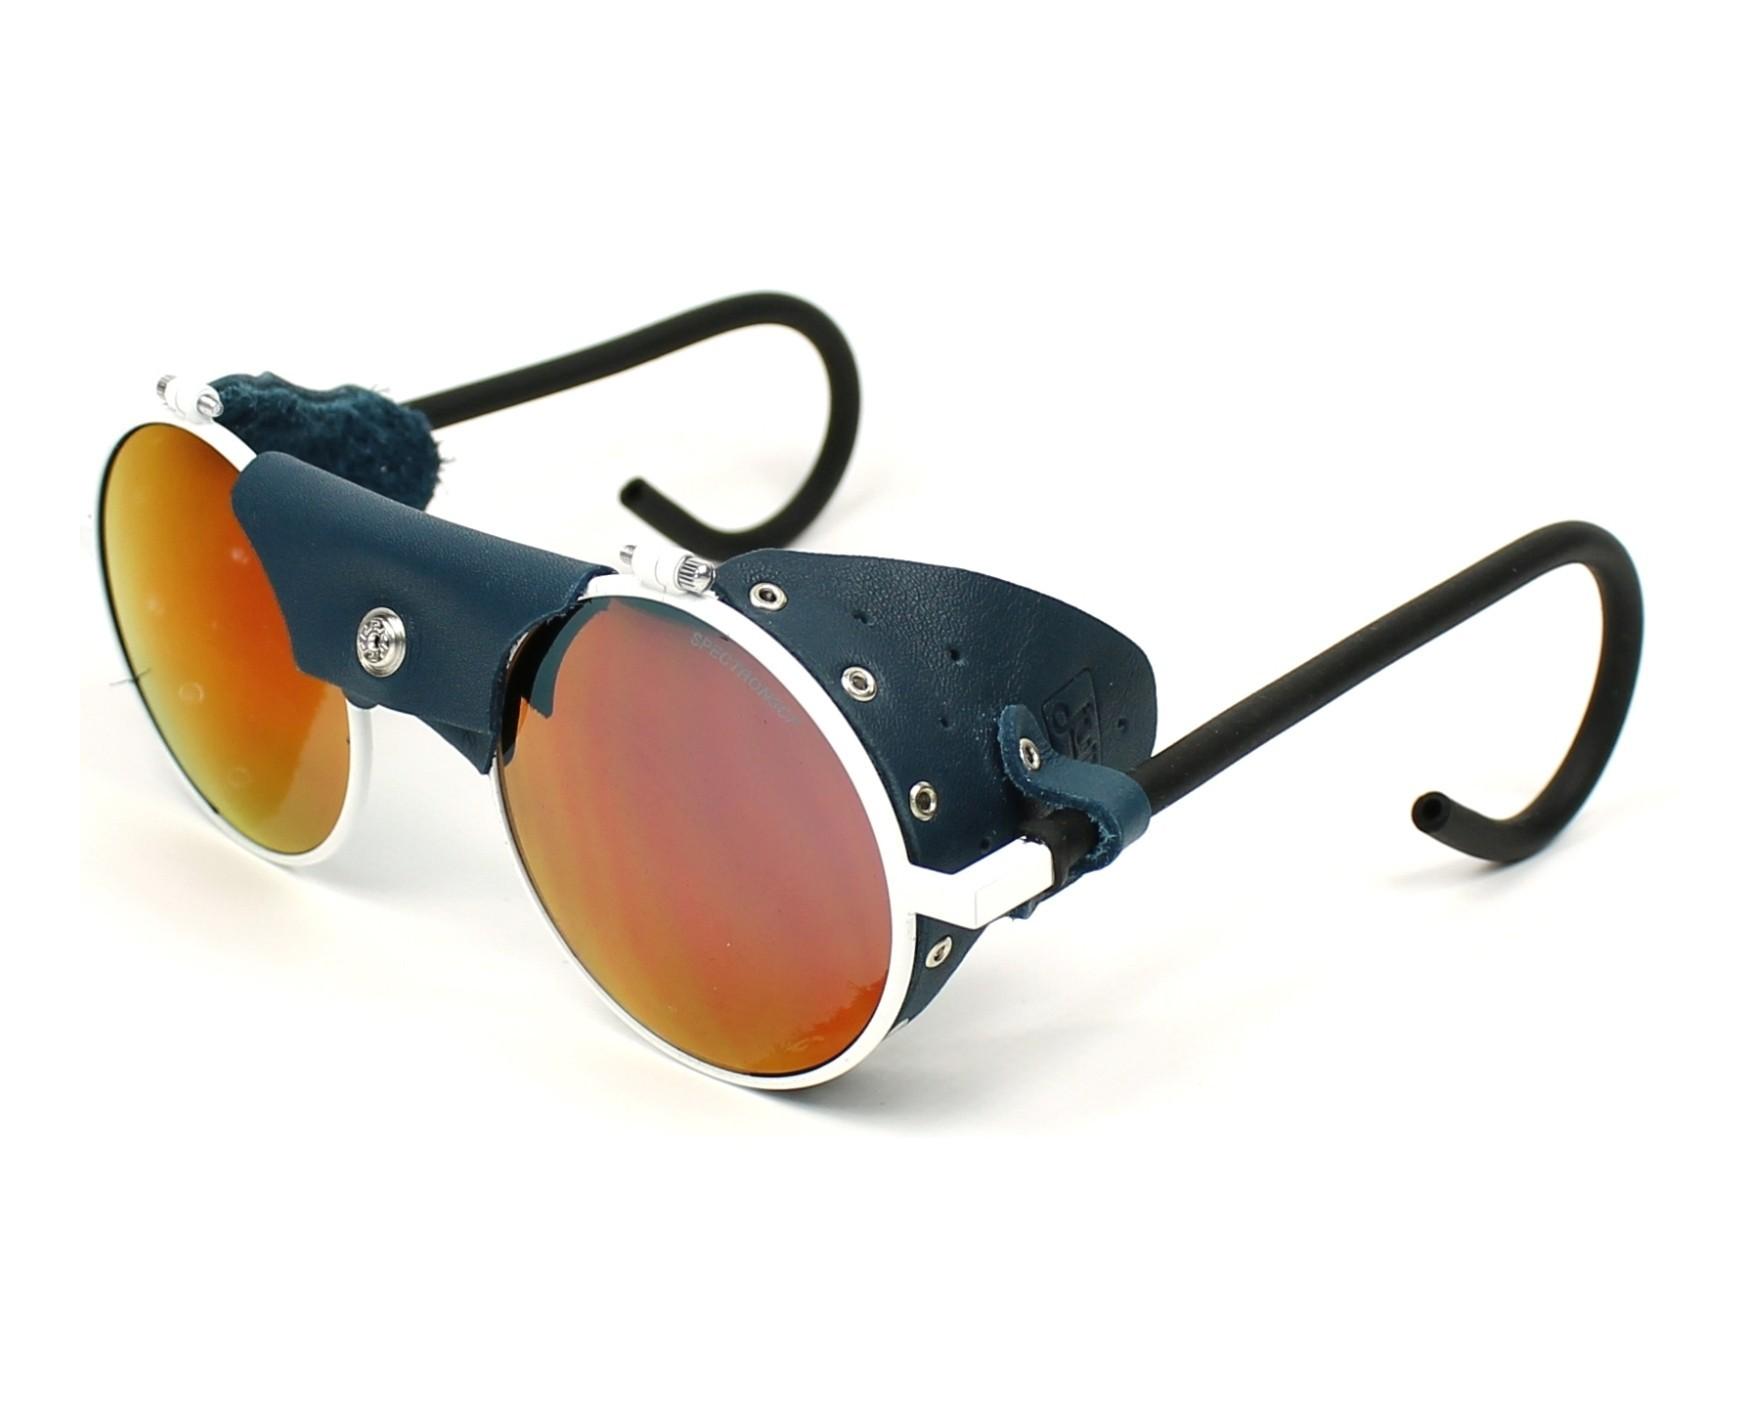 47eb2c1faa198 Trouvez vos lunettes de soleil Julbo en promotion toute l année